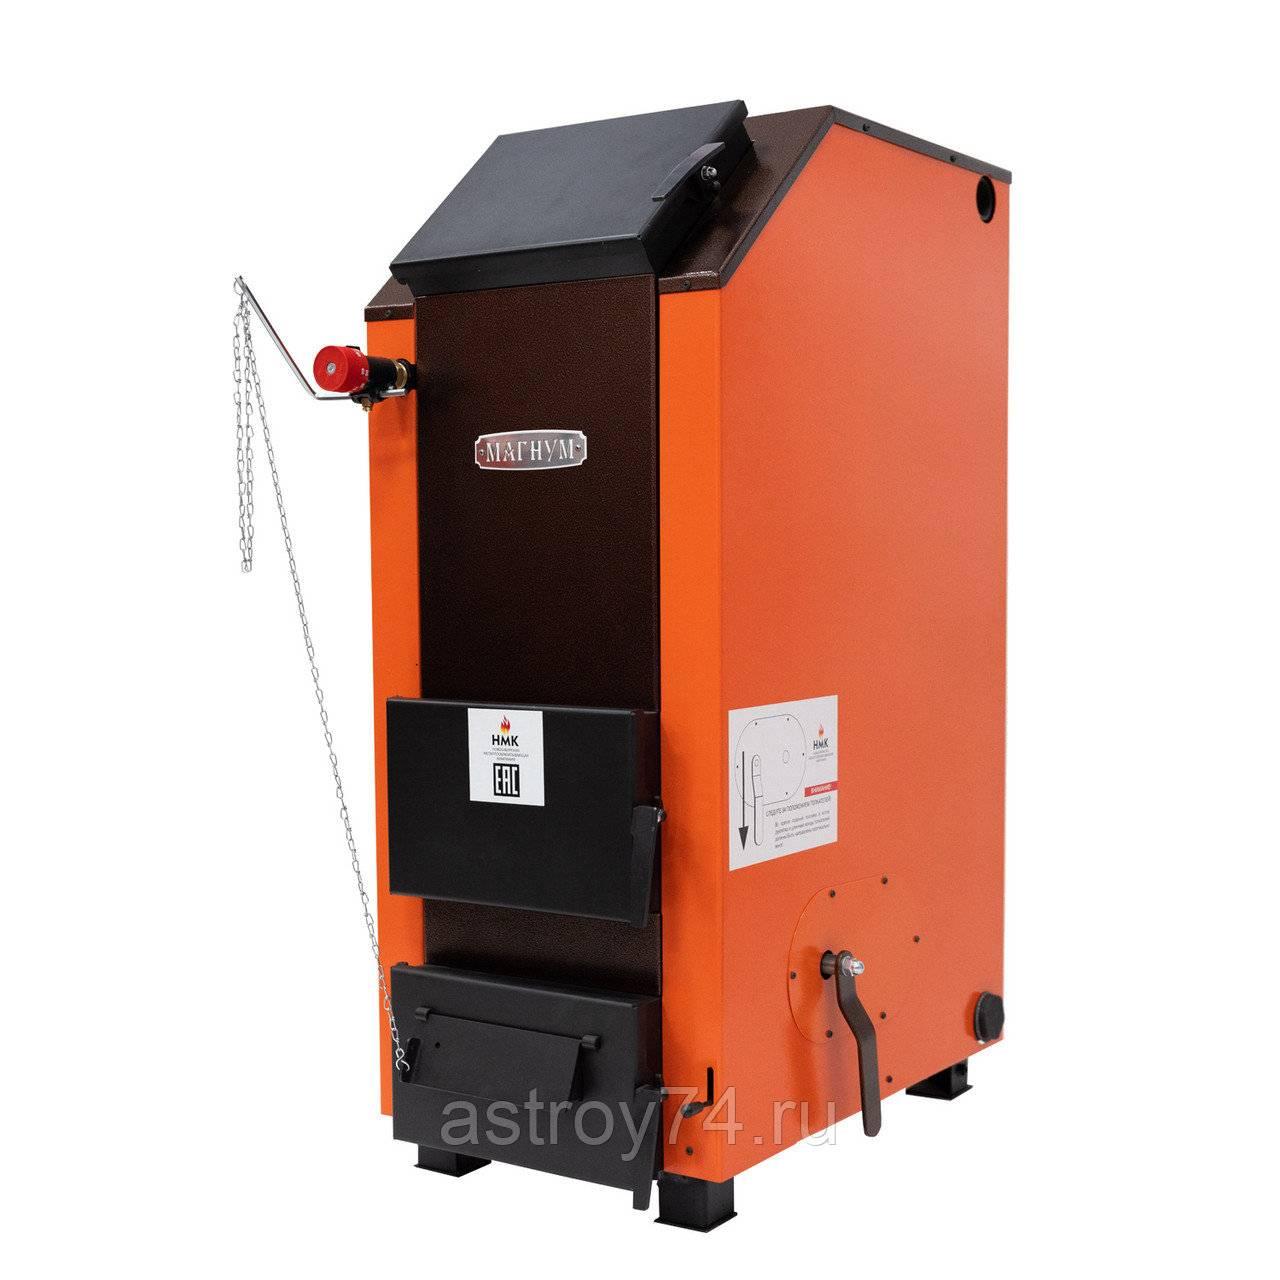 Котёл отопления длительного горения на твёрдом топливе: типы оборудования, выбор твердотопливных агрегатов